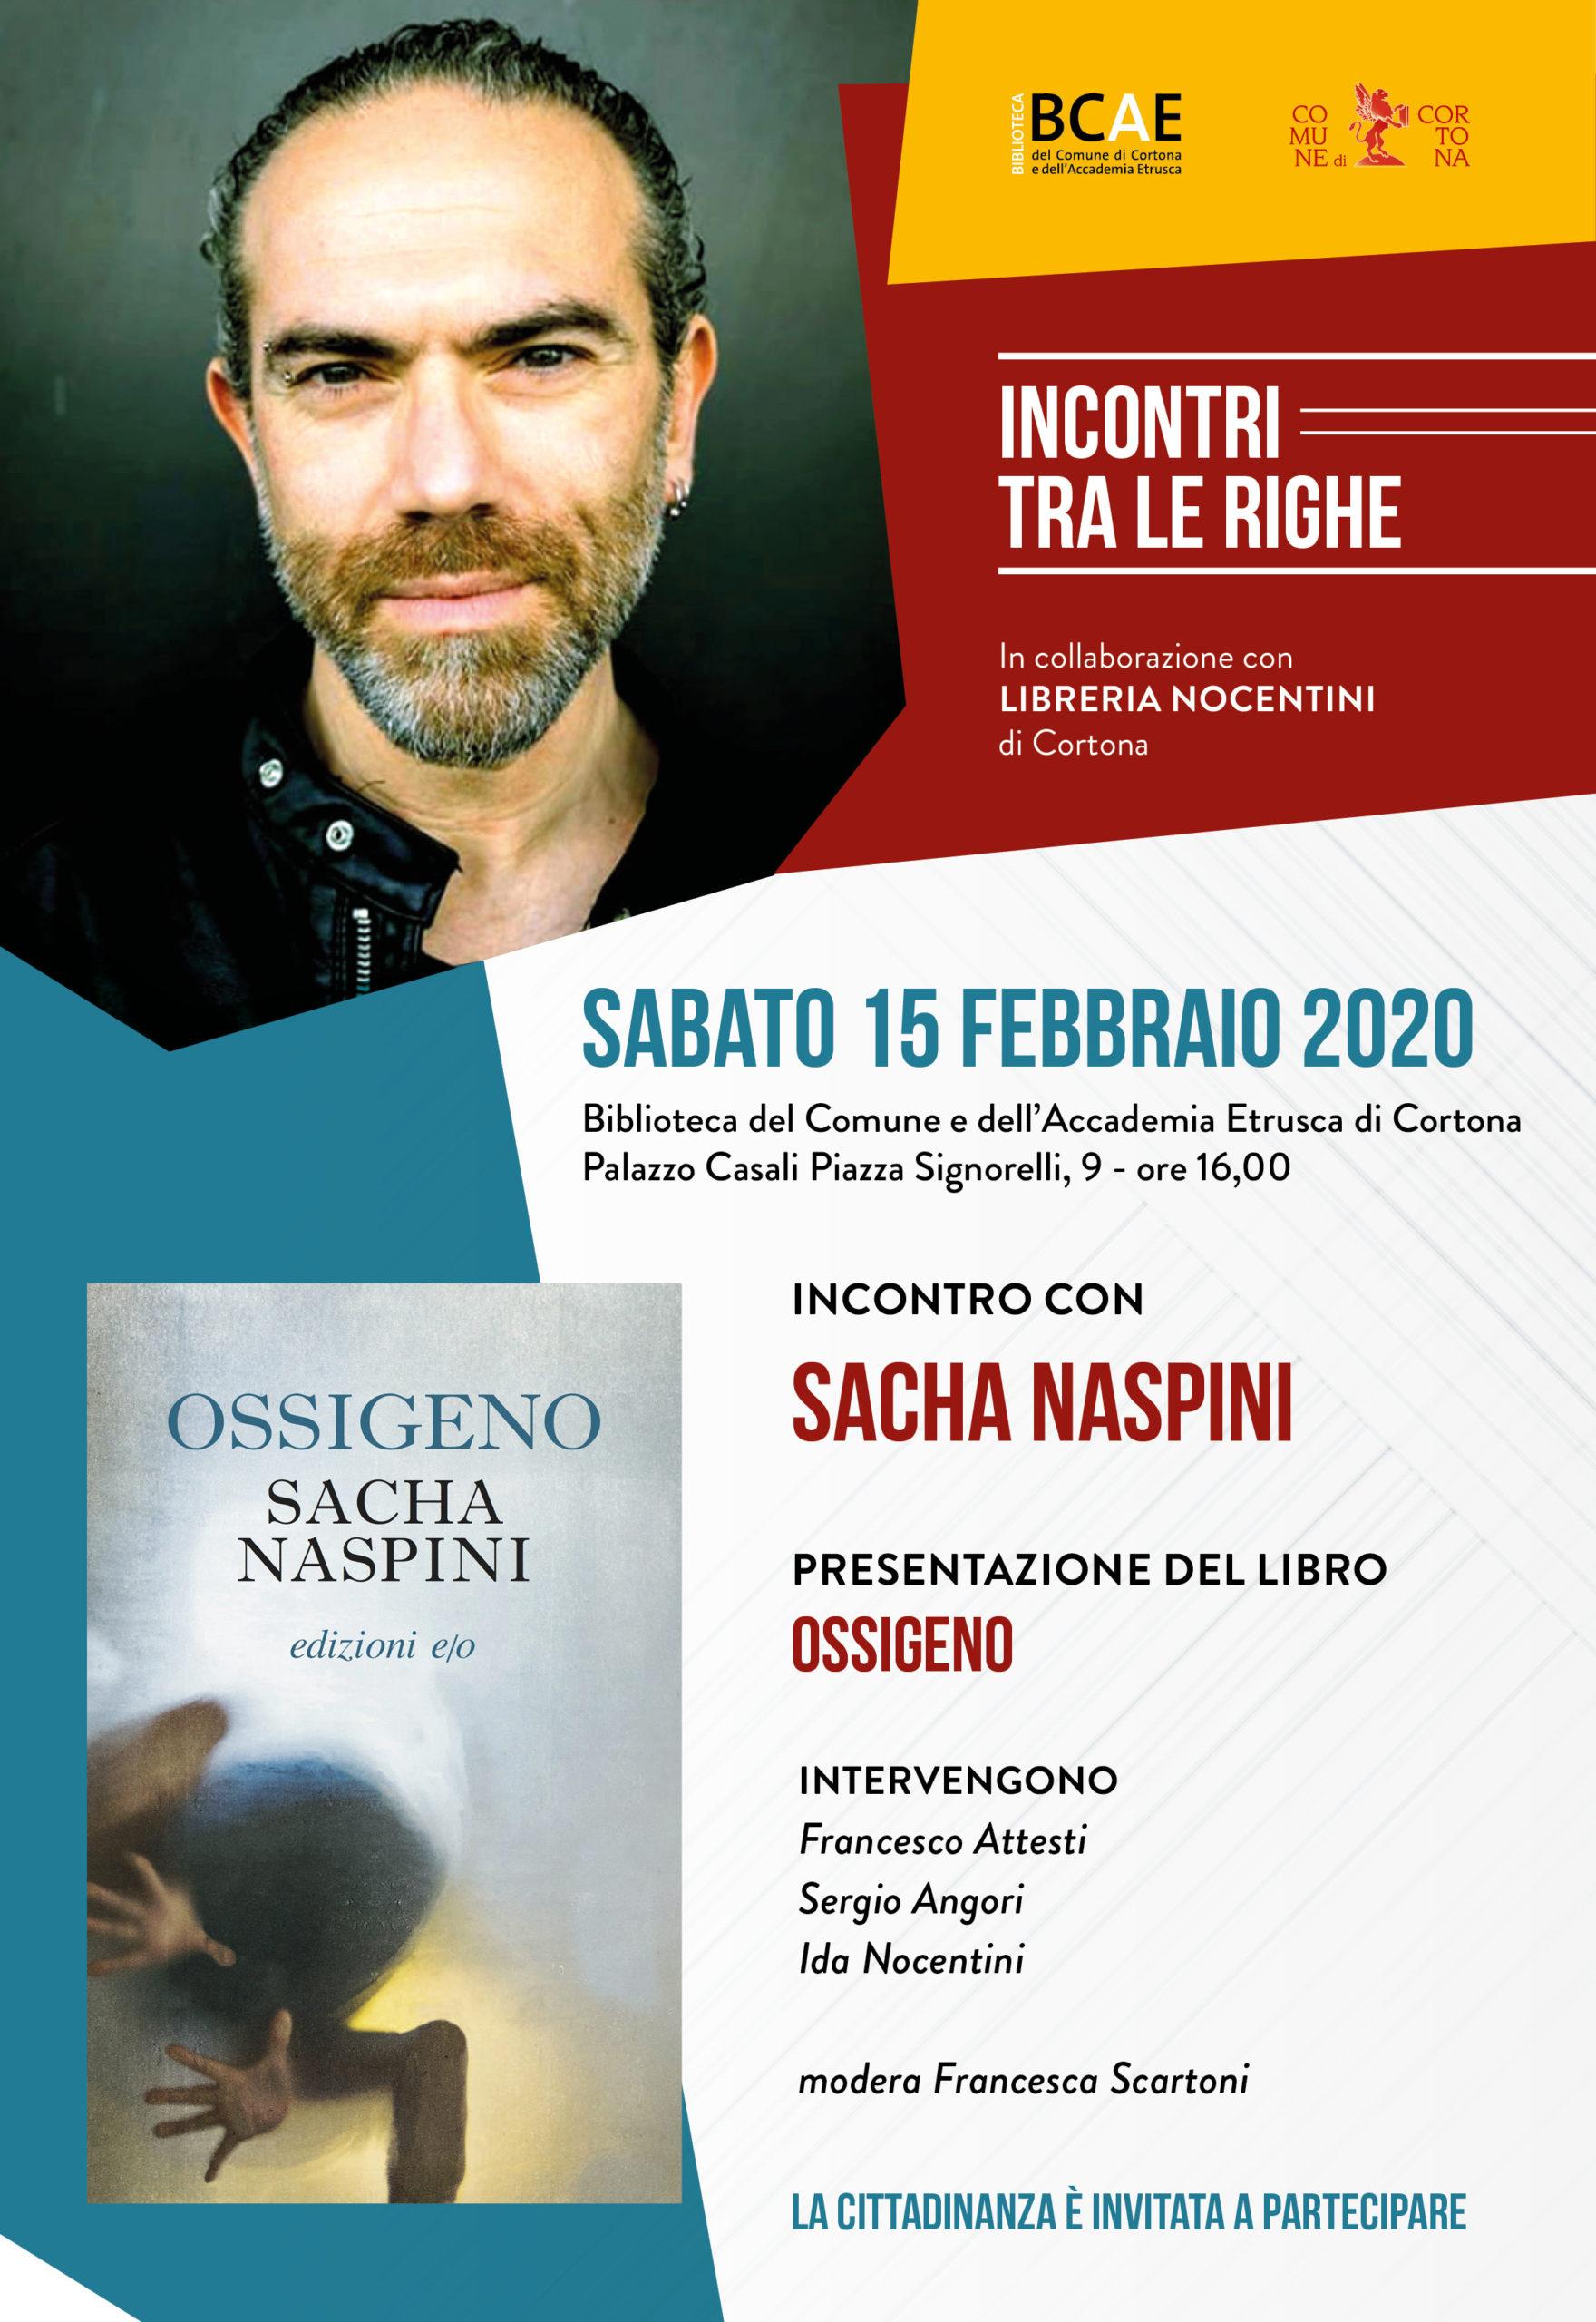 Sacha Naspini ospite di Incontri tra le righe